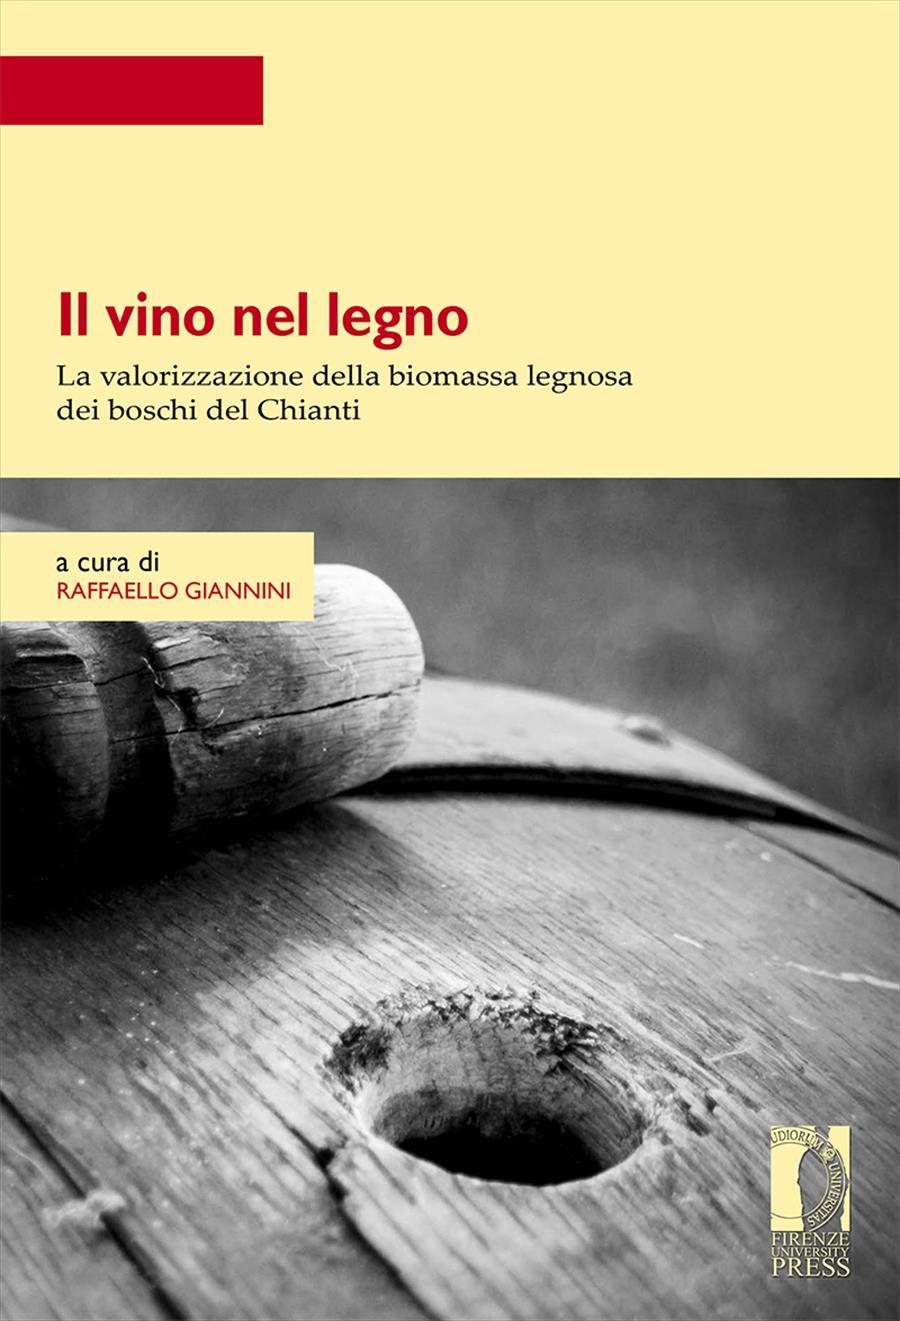 Il vino nel legno